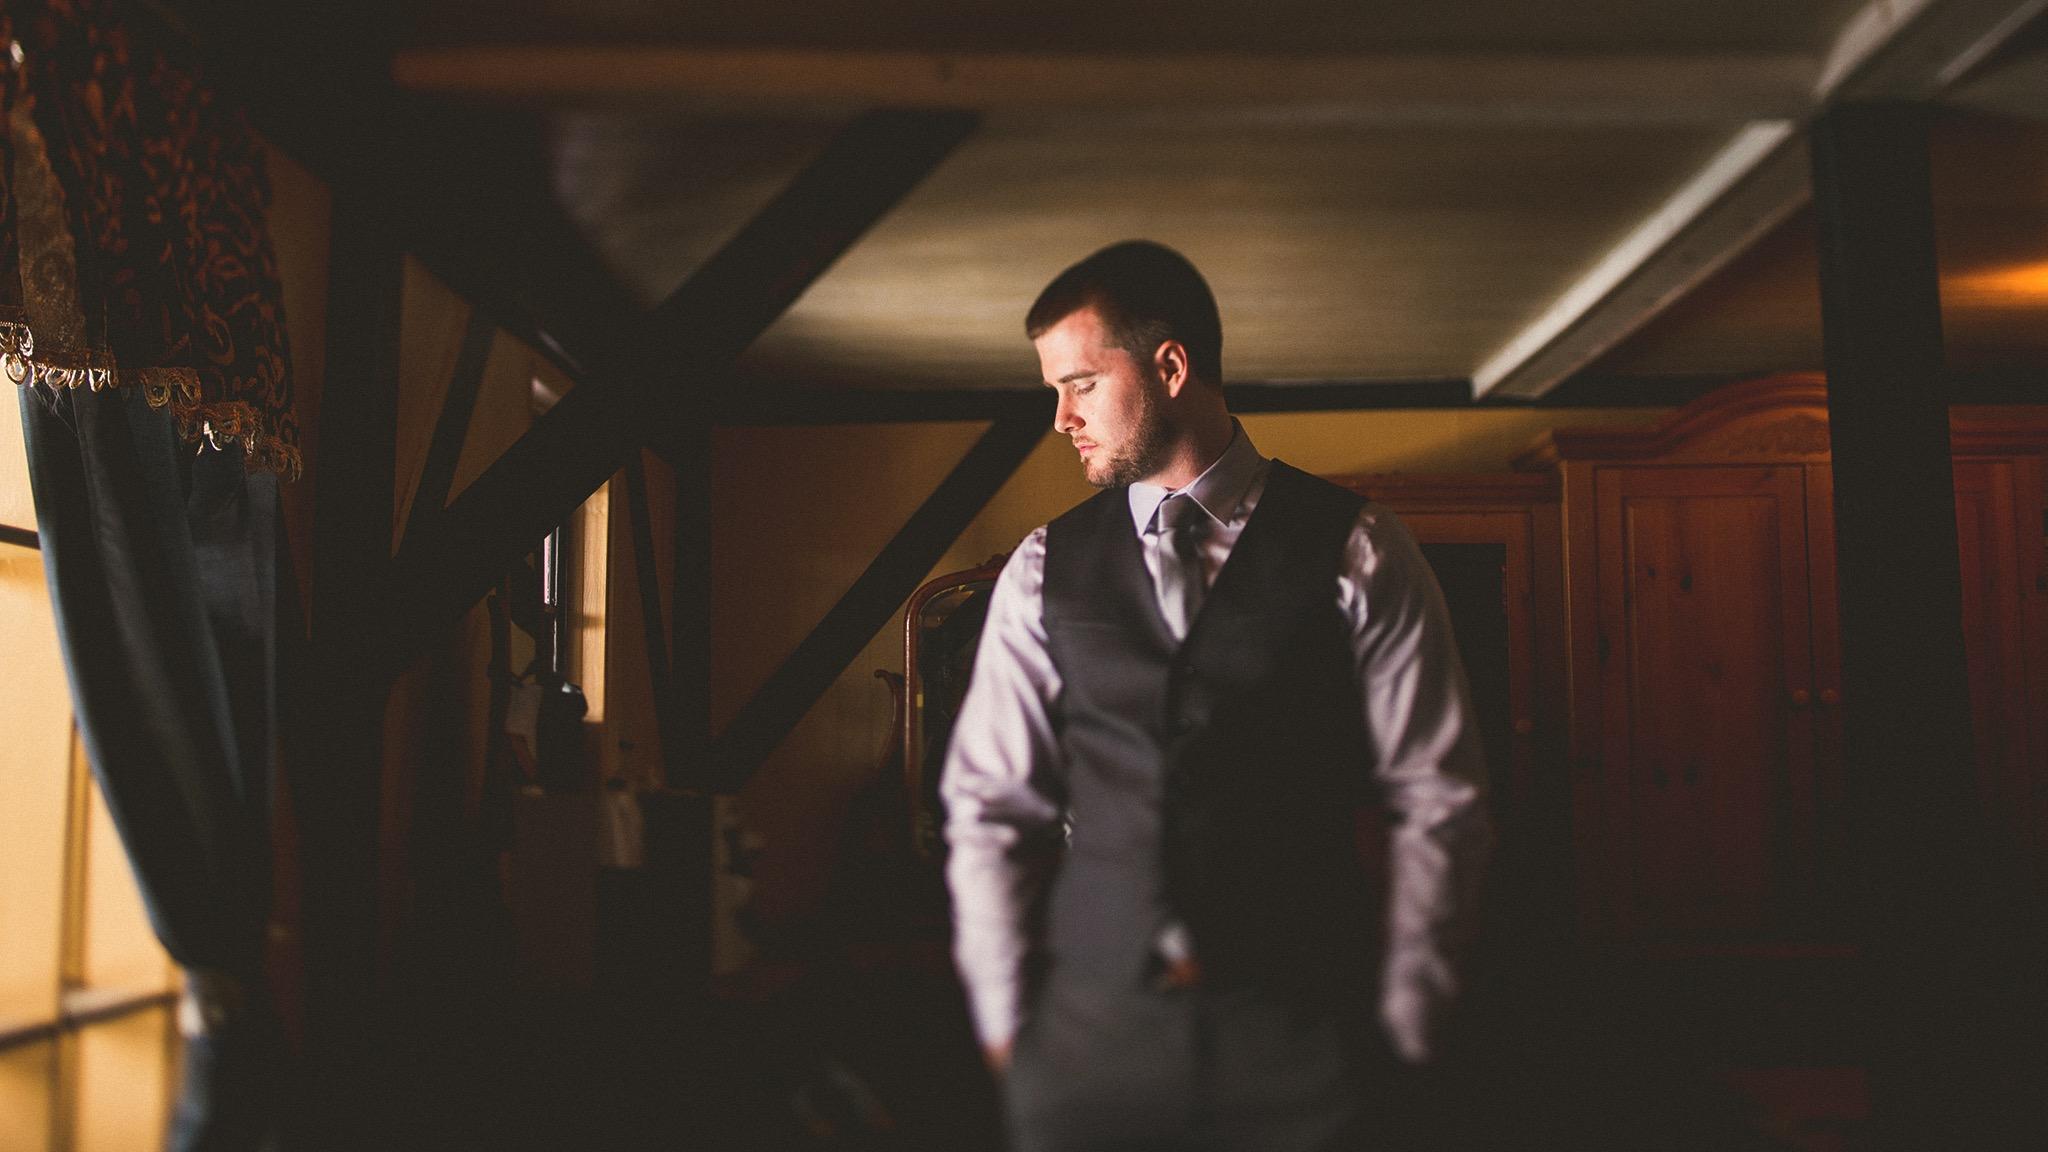 25-emotional-rustic-groom.jpg